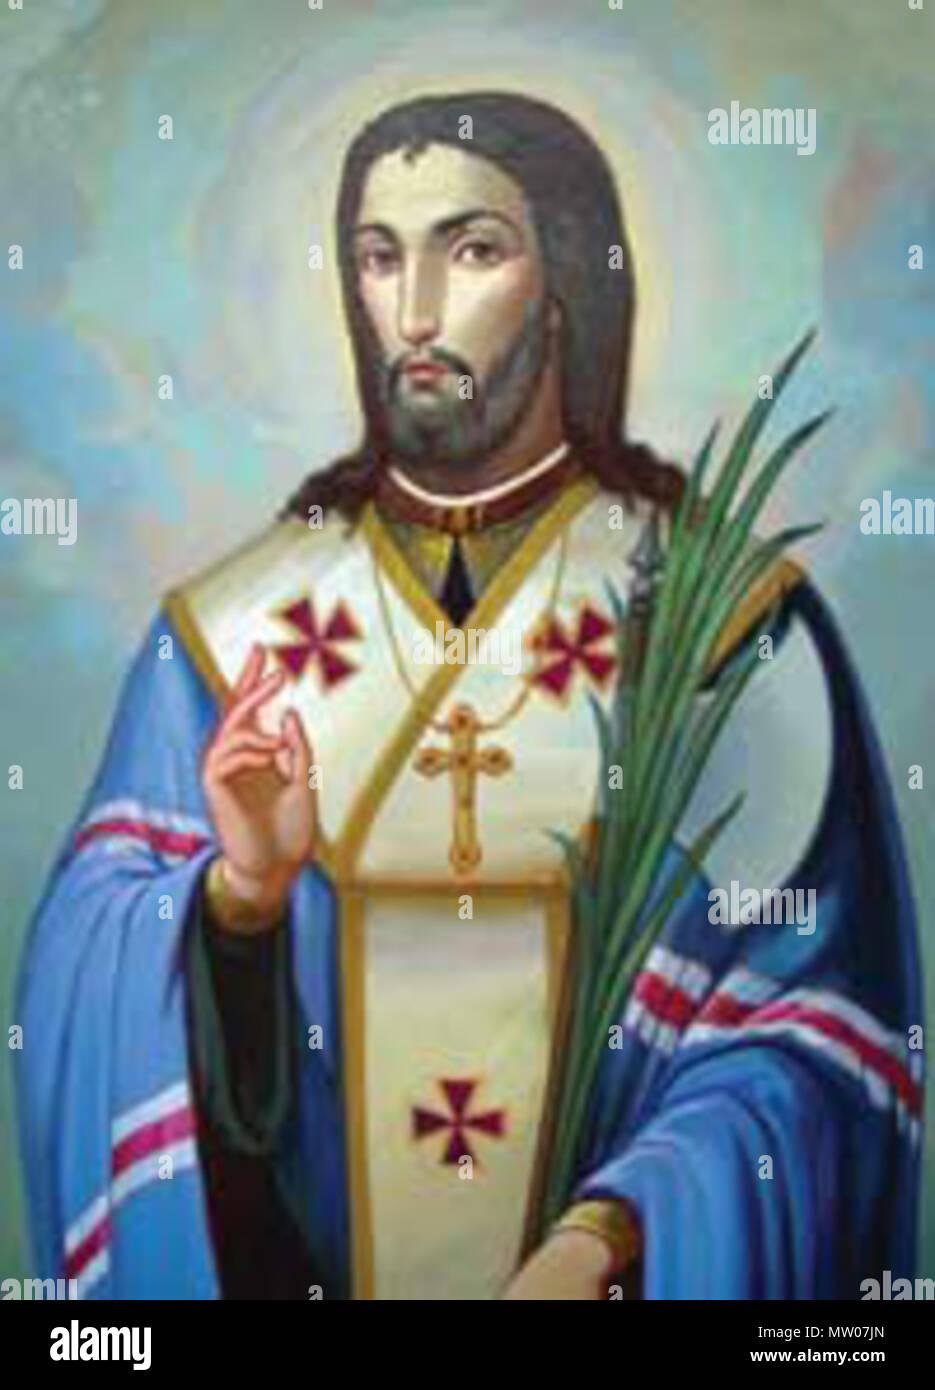 Kết quả hình ảnh cho thánh martinô i giáo hoàng tử đạo